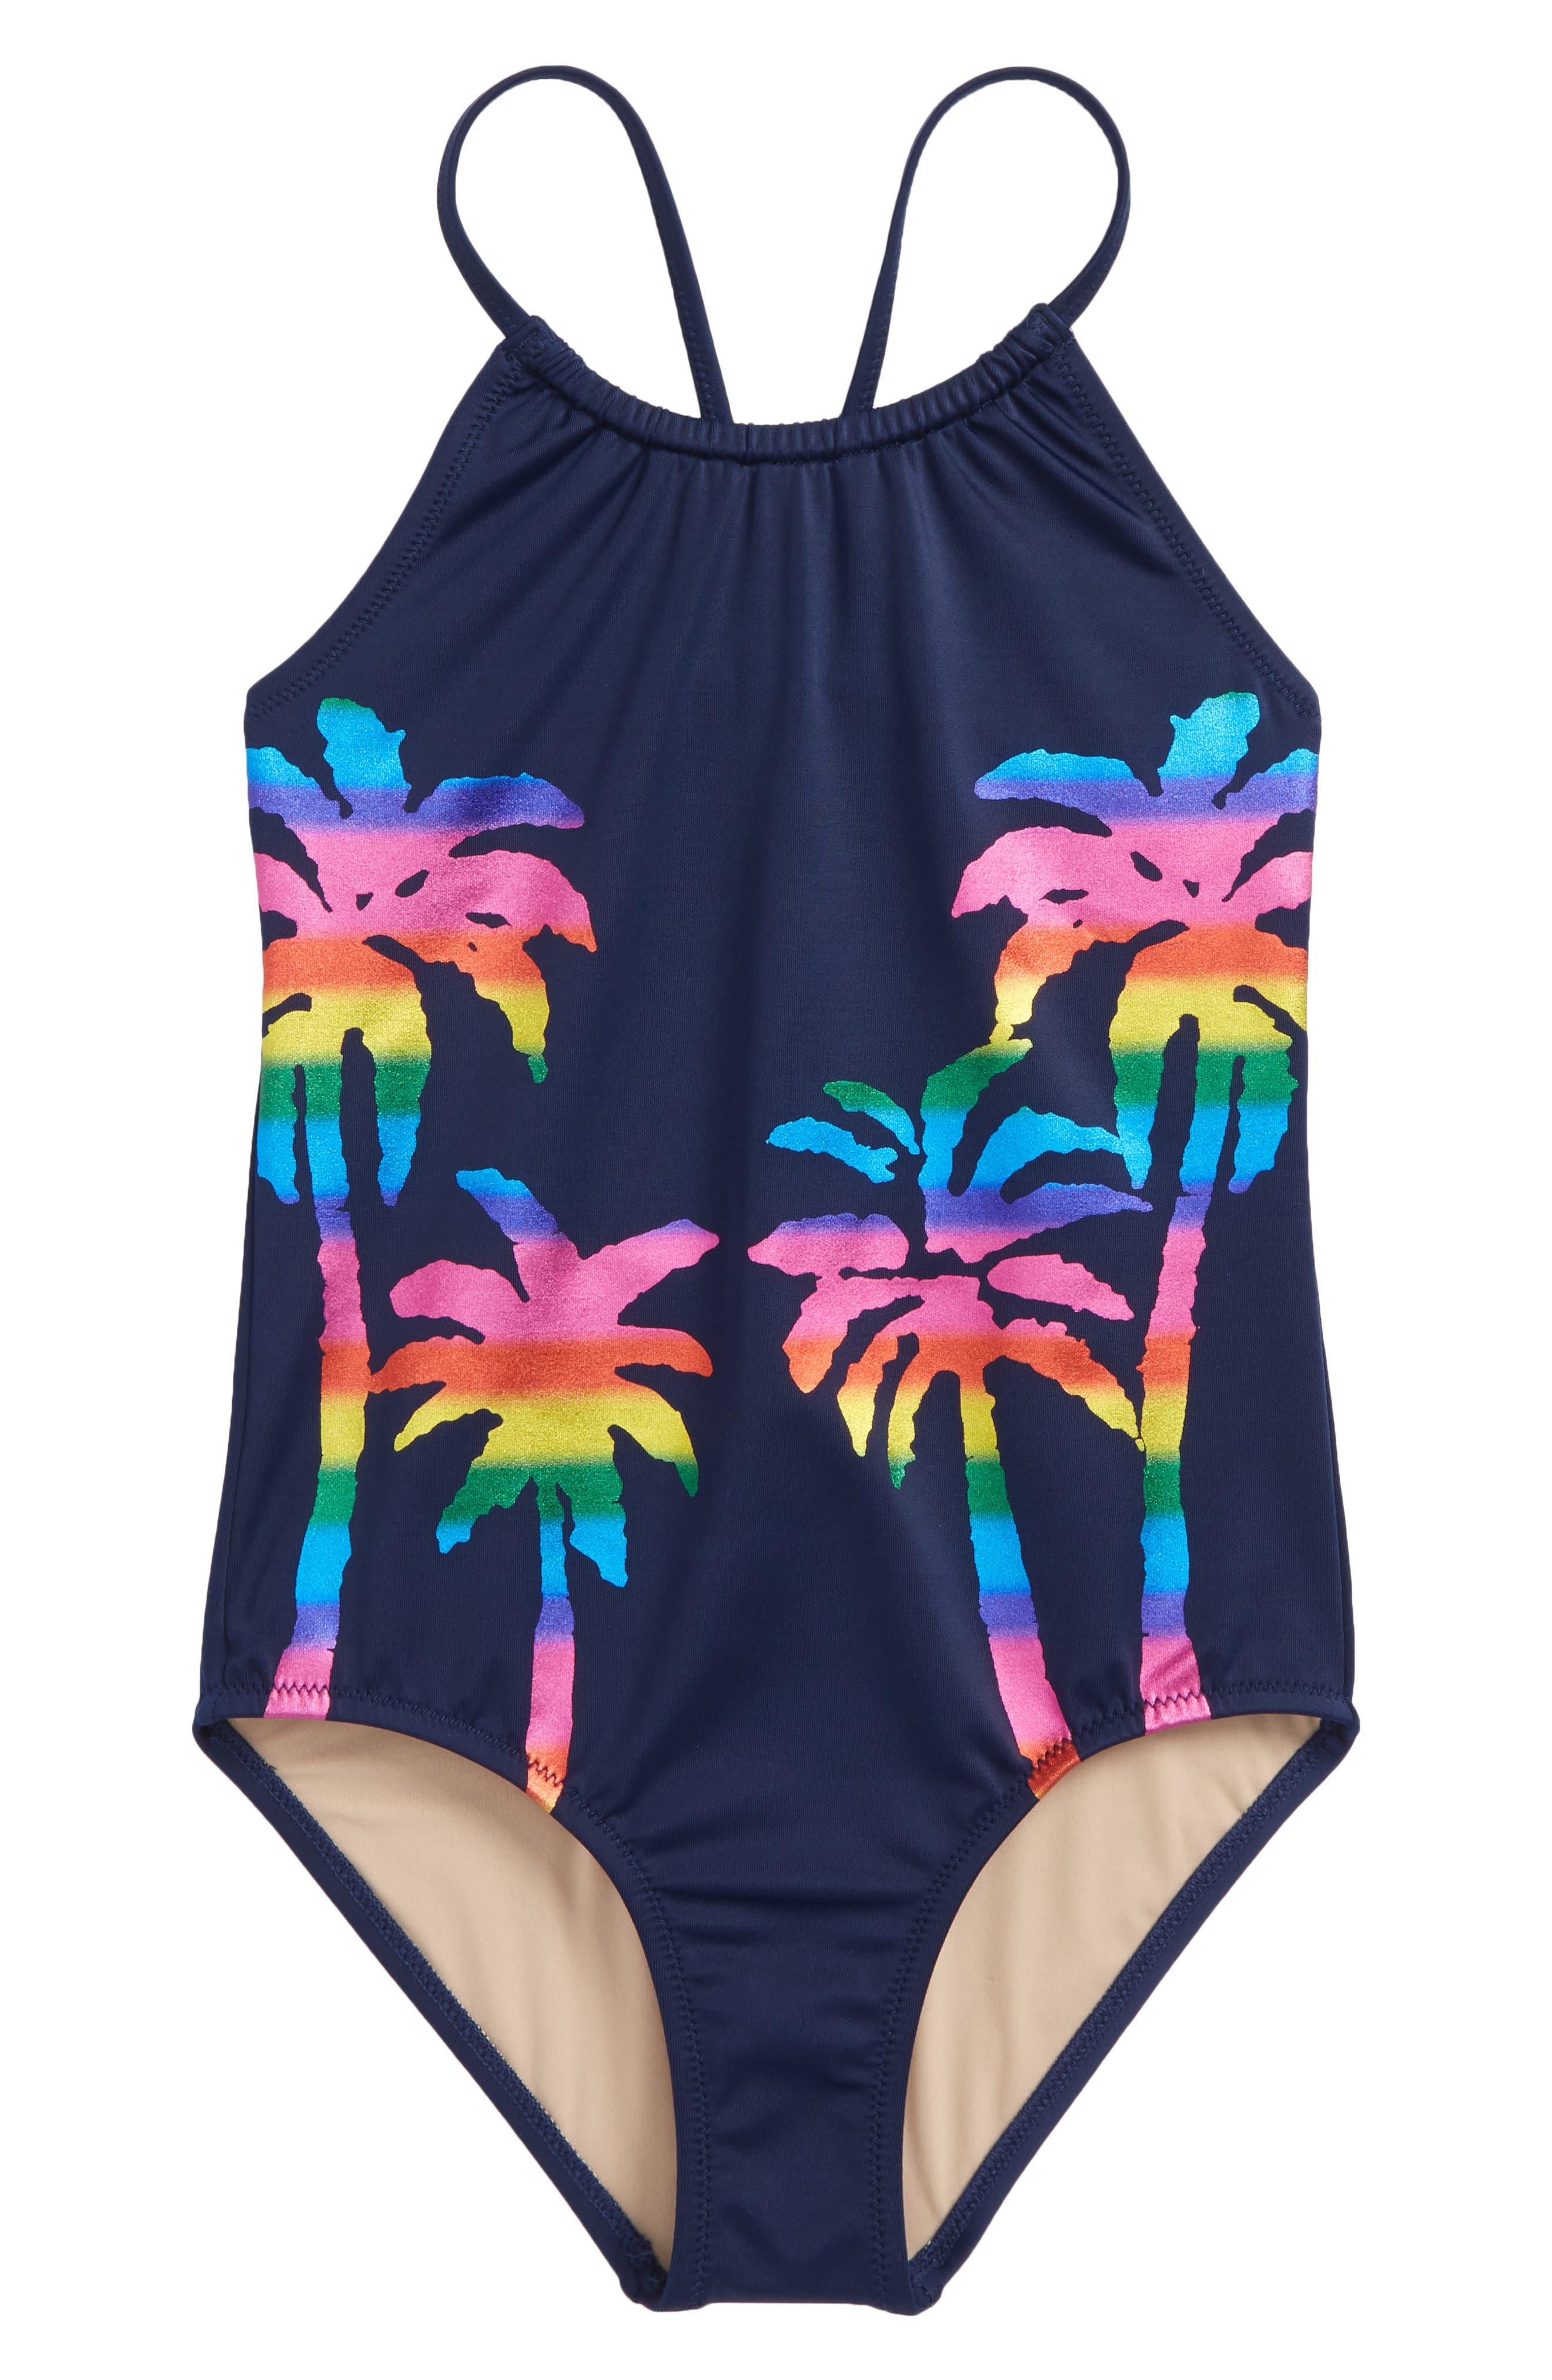 Foil Palm Trees One-Piece Swimsuit,                             Main thumbnail 1, color,                             650